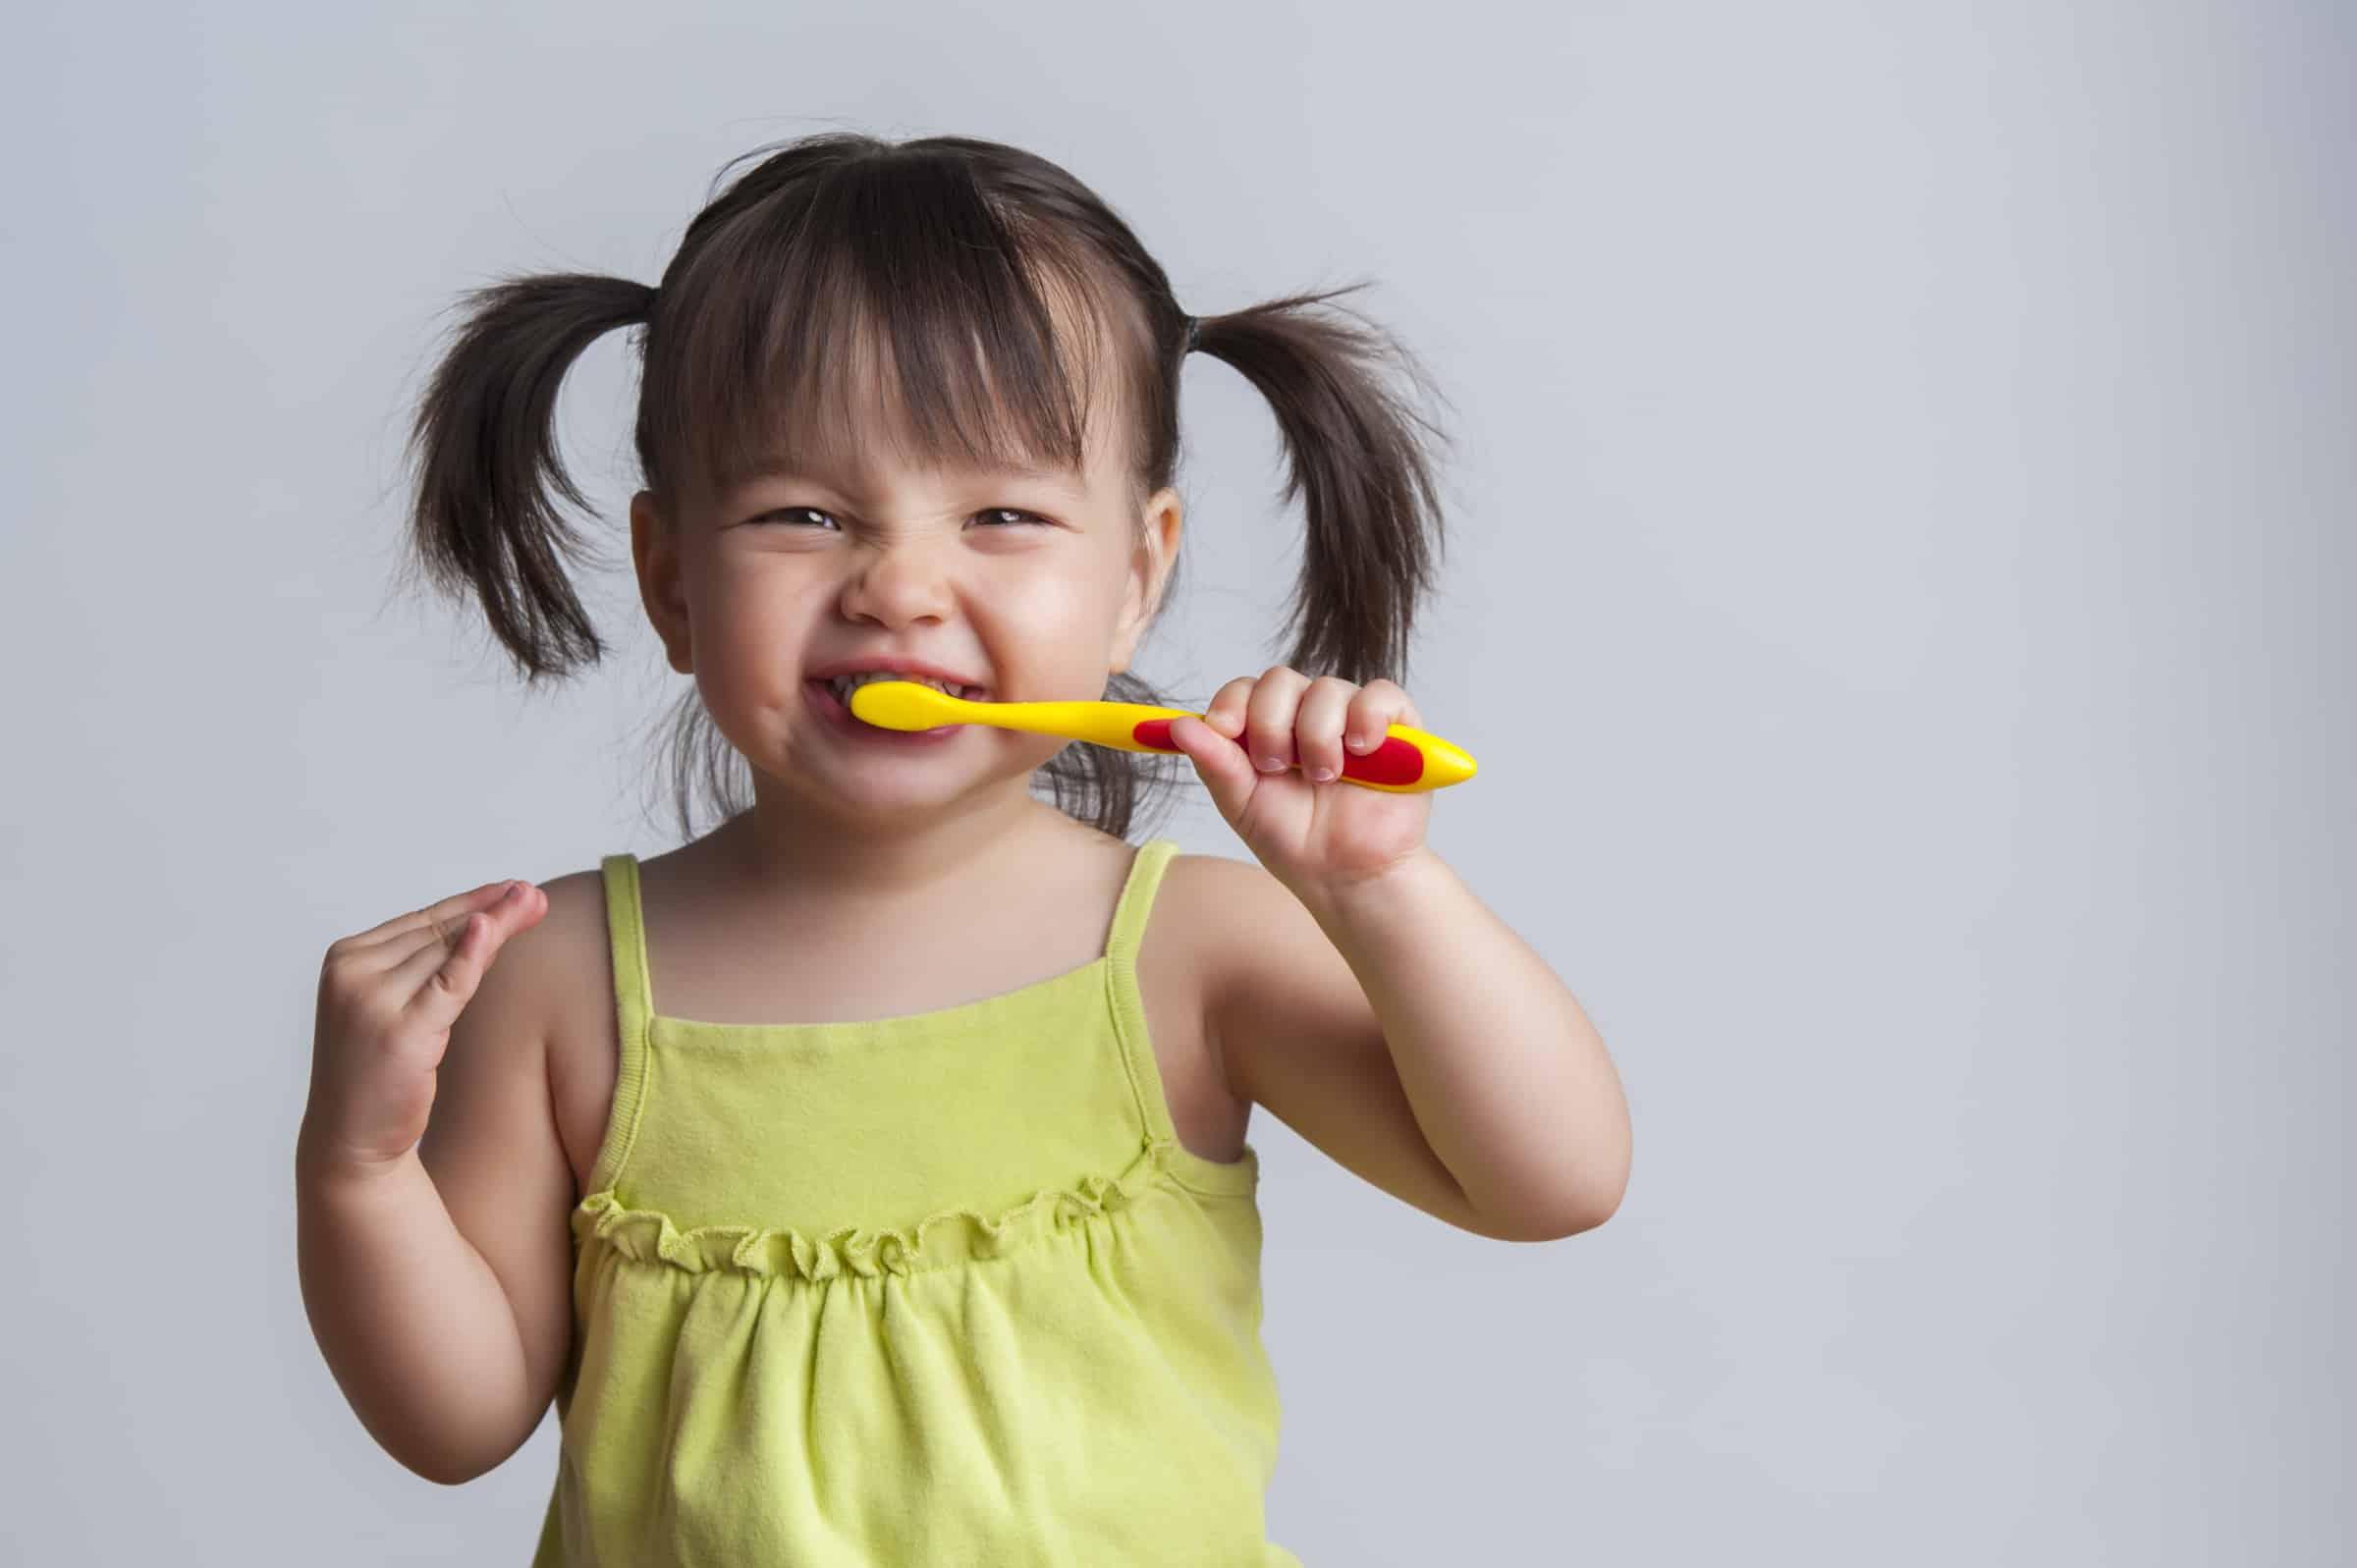 Toddler smiling while brushing her teeth kids' bathroom organization